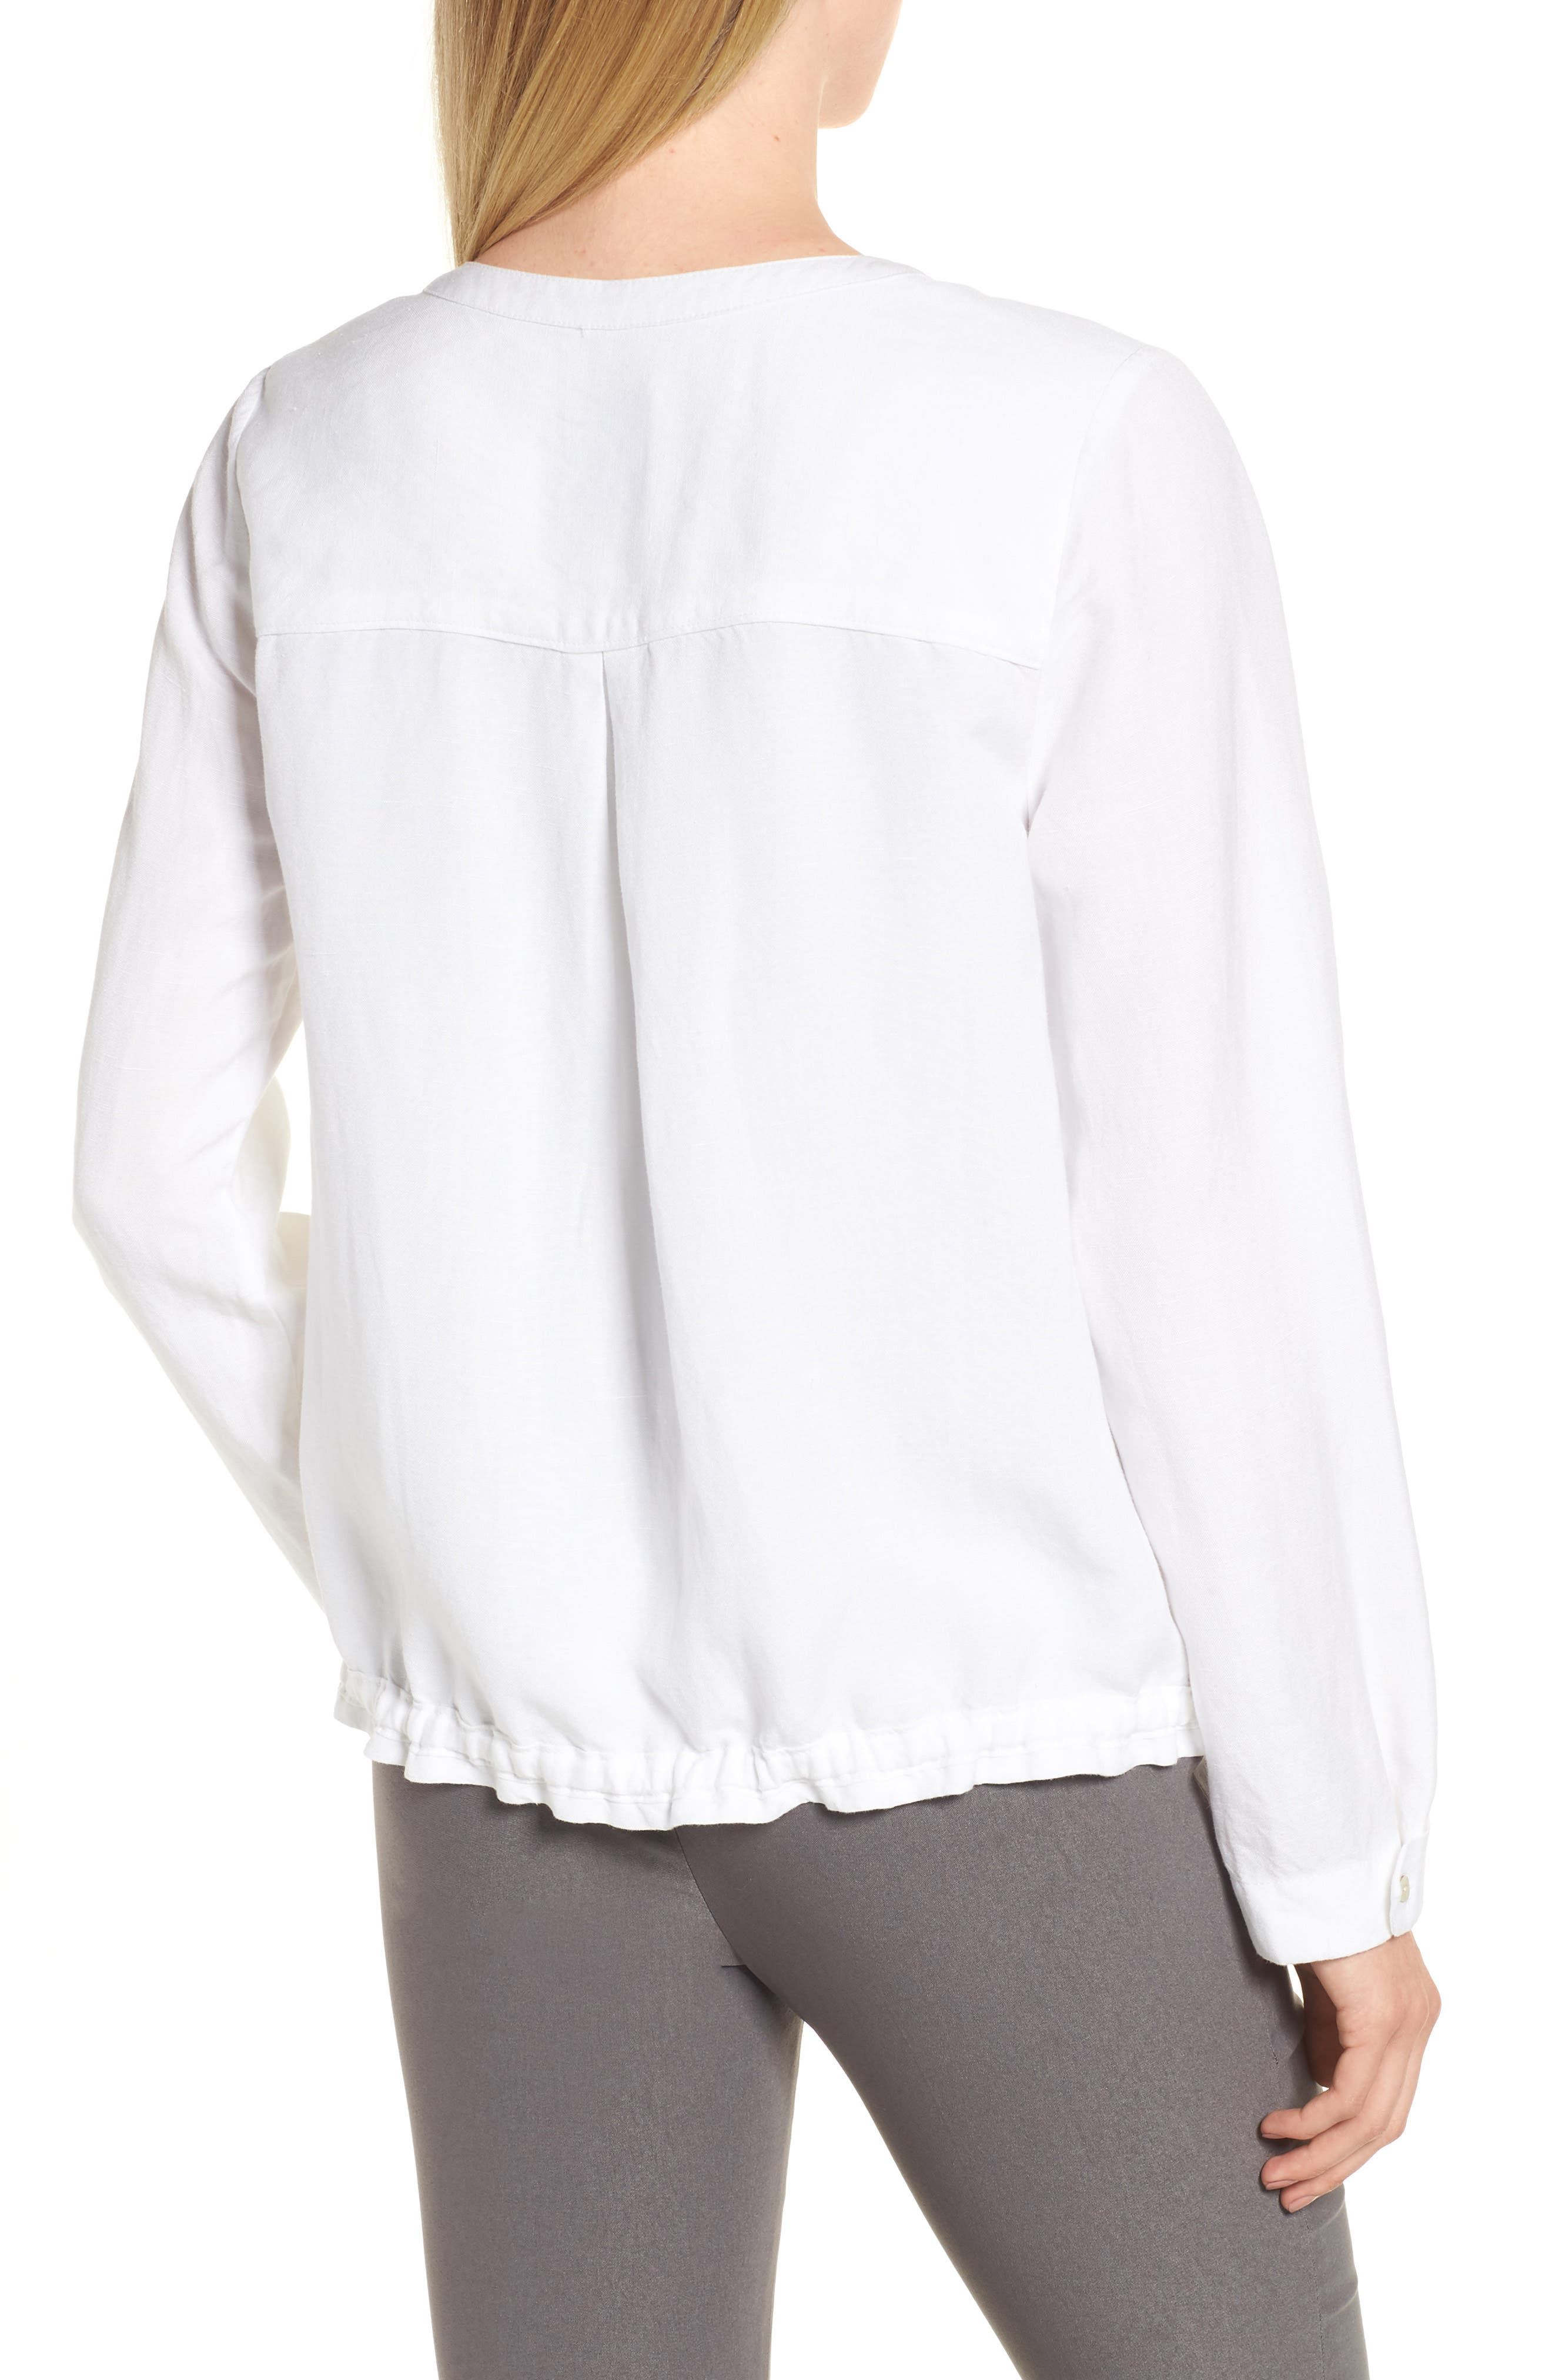 Homebound Linen Blend Drawstring Jacket,                             Alternate thumbnail 2, color,                             PAPER WHITE